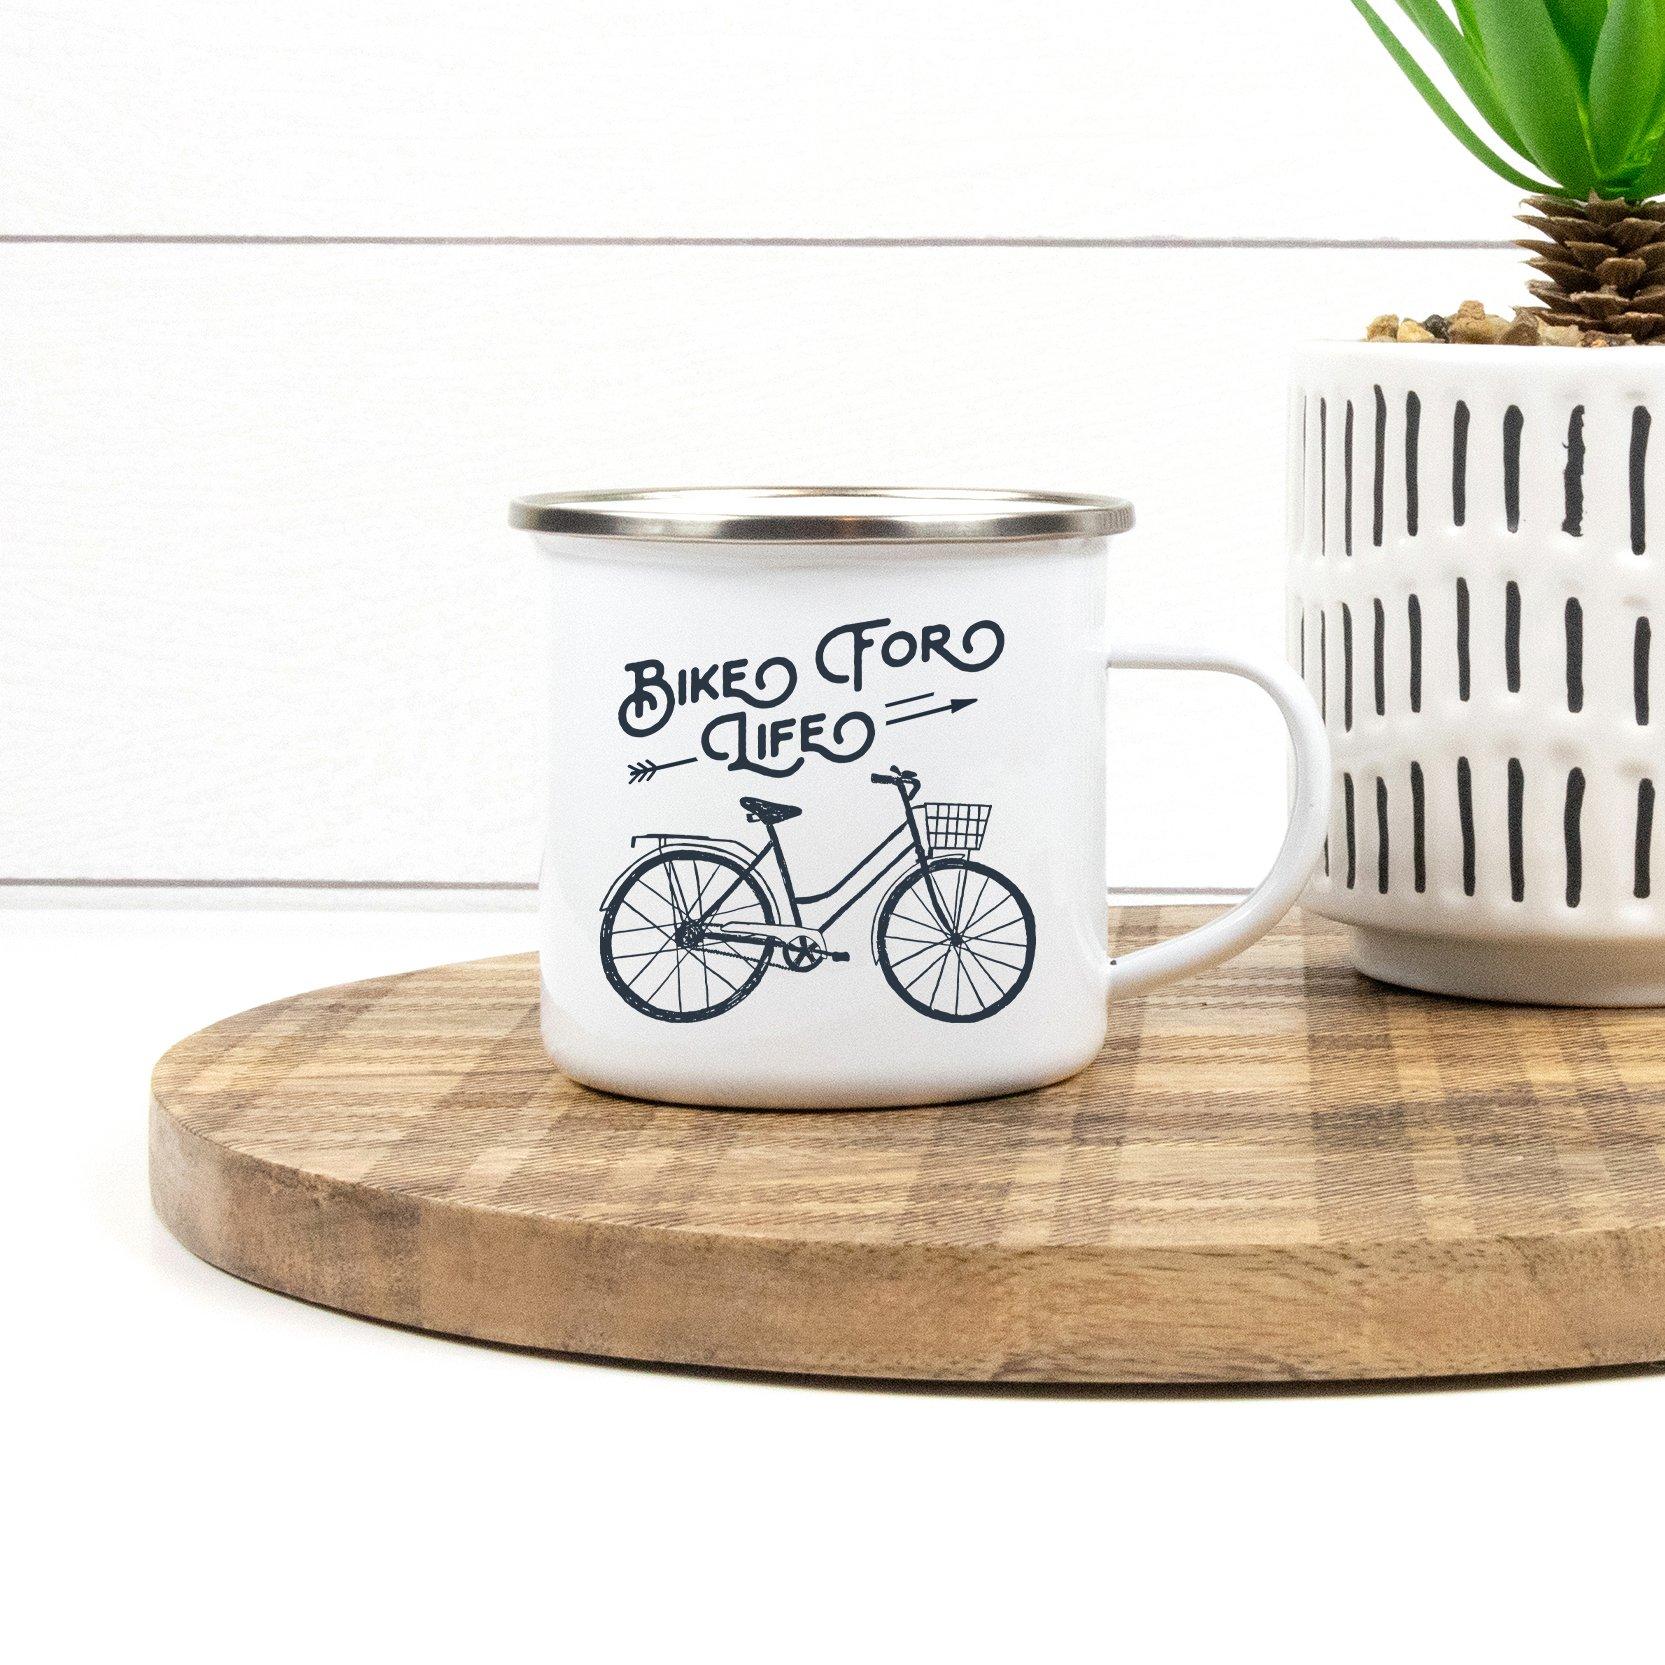 Sovende Bjorn Enamel Mug - Bike for Life